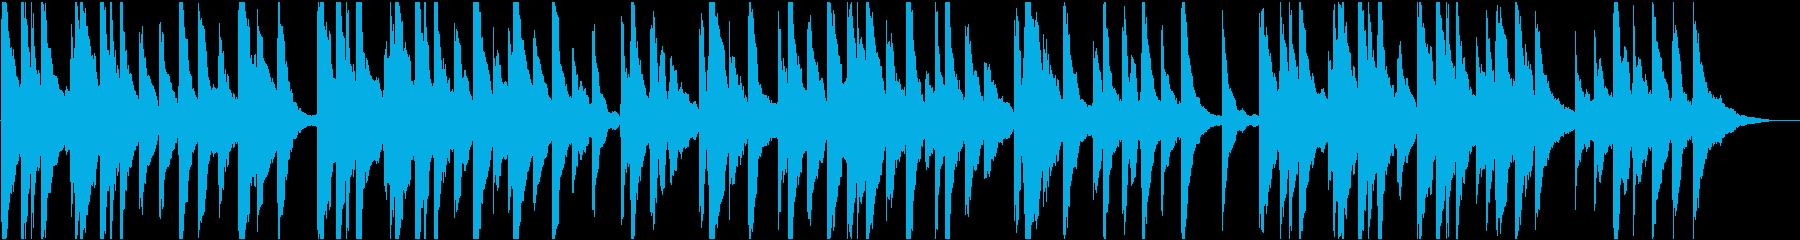 企業VP21 16bit48kHzVerの再生済みの波形